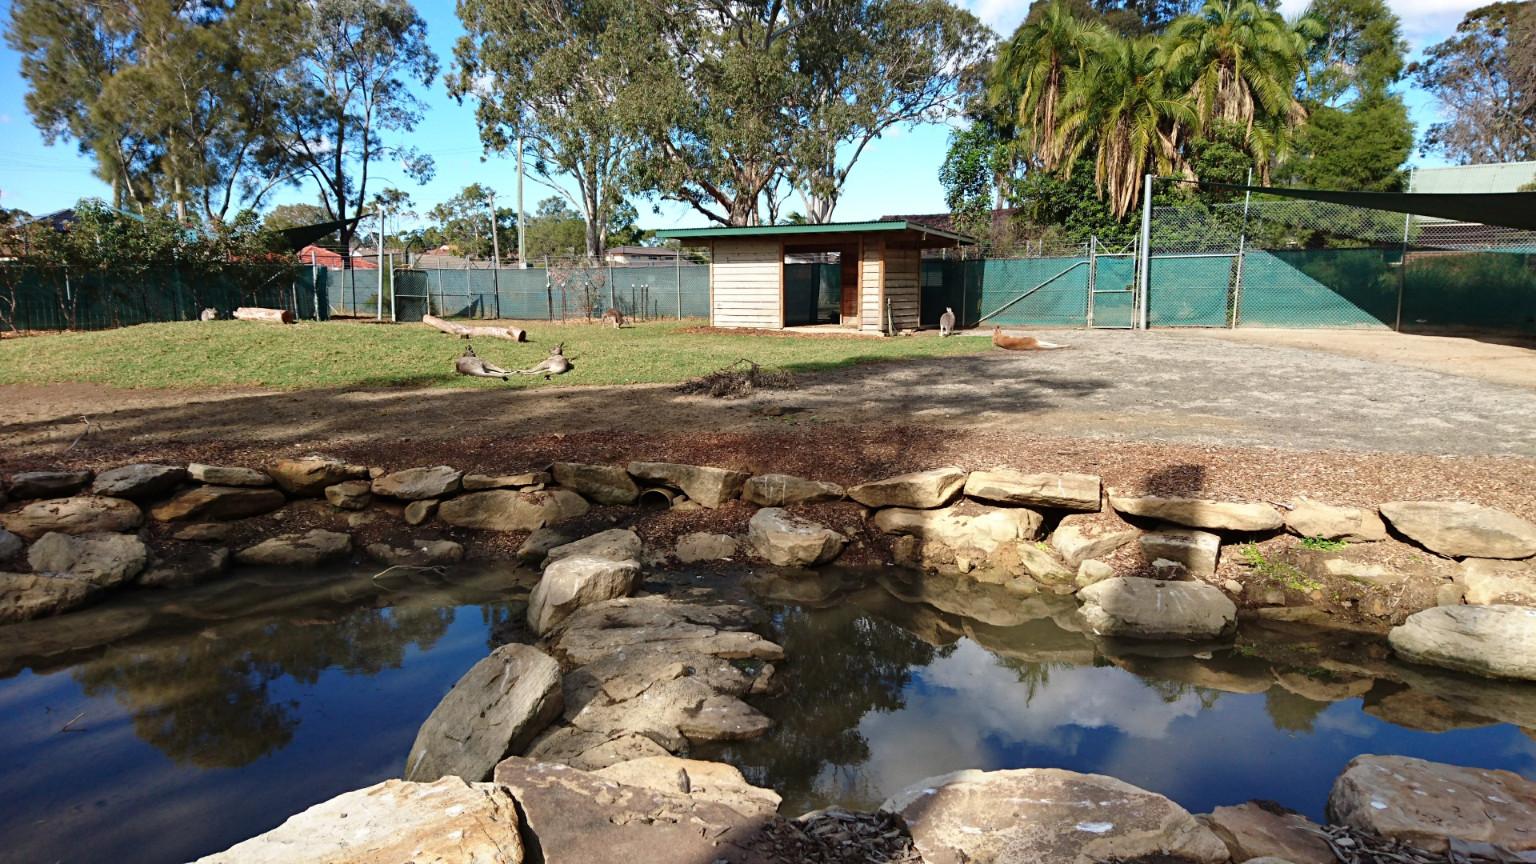 Kangaroo and Wallabies Enclosure